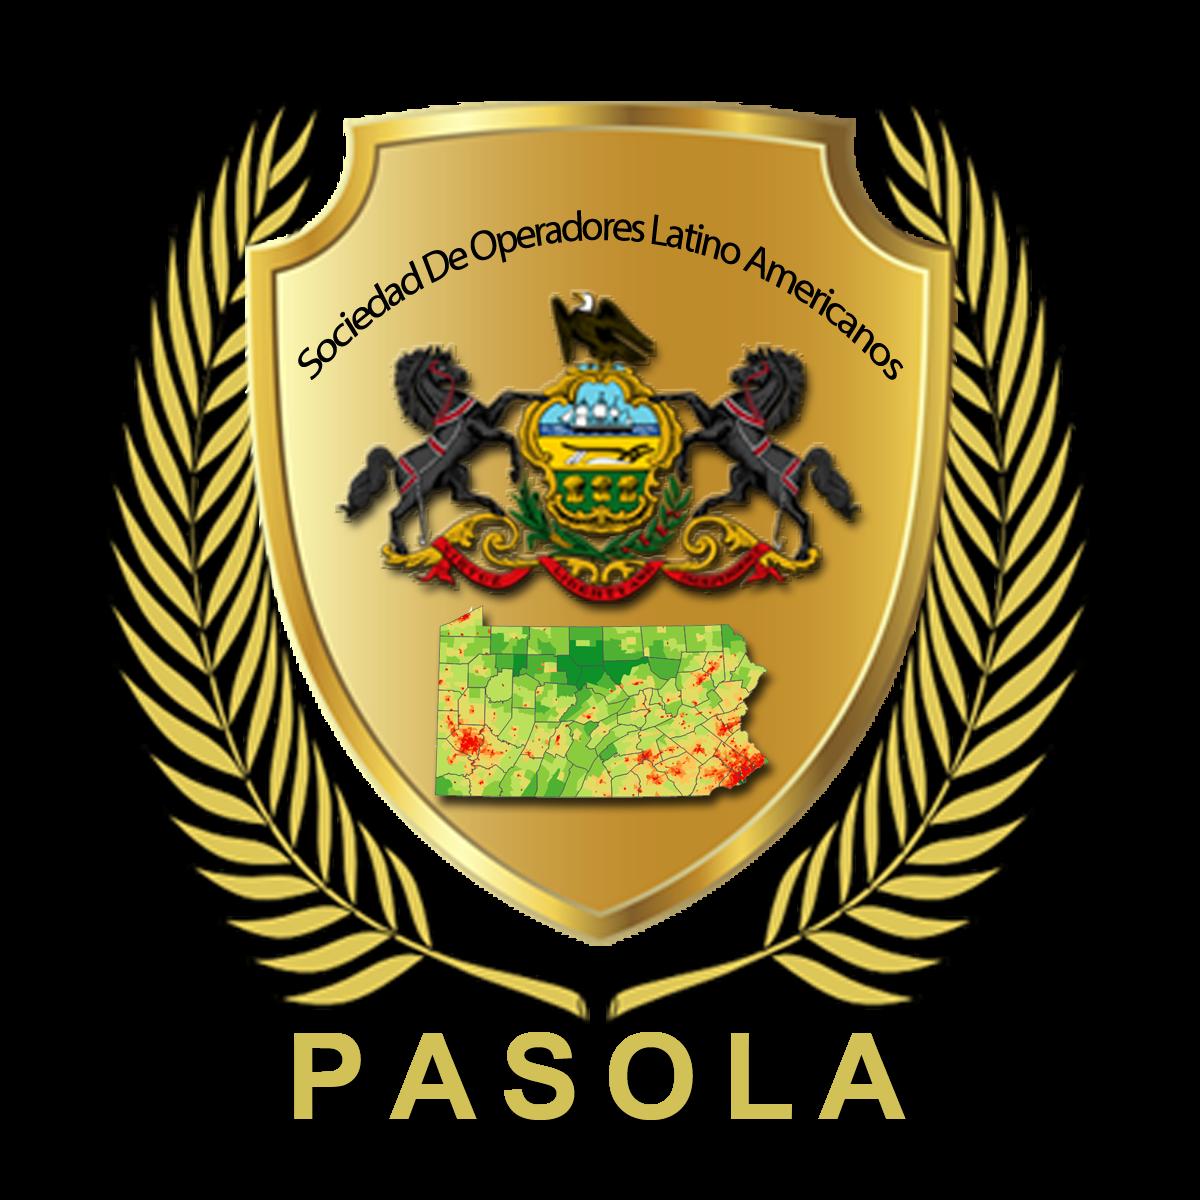 Sociedad De Operadores Latino Americanos